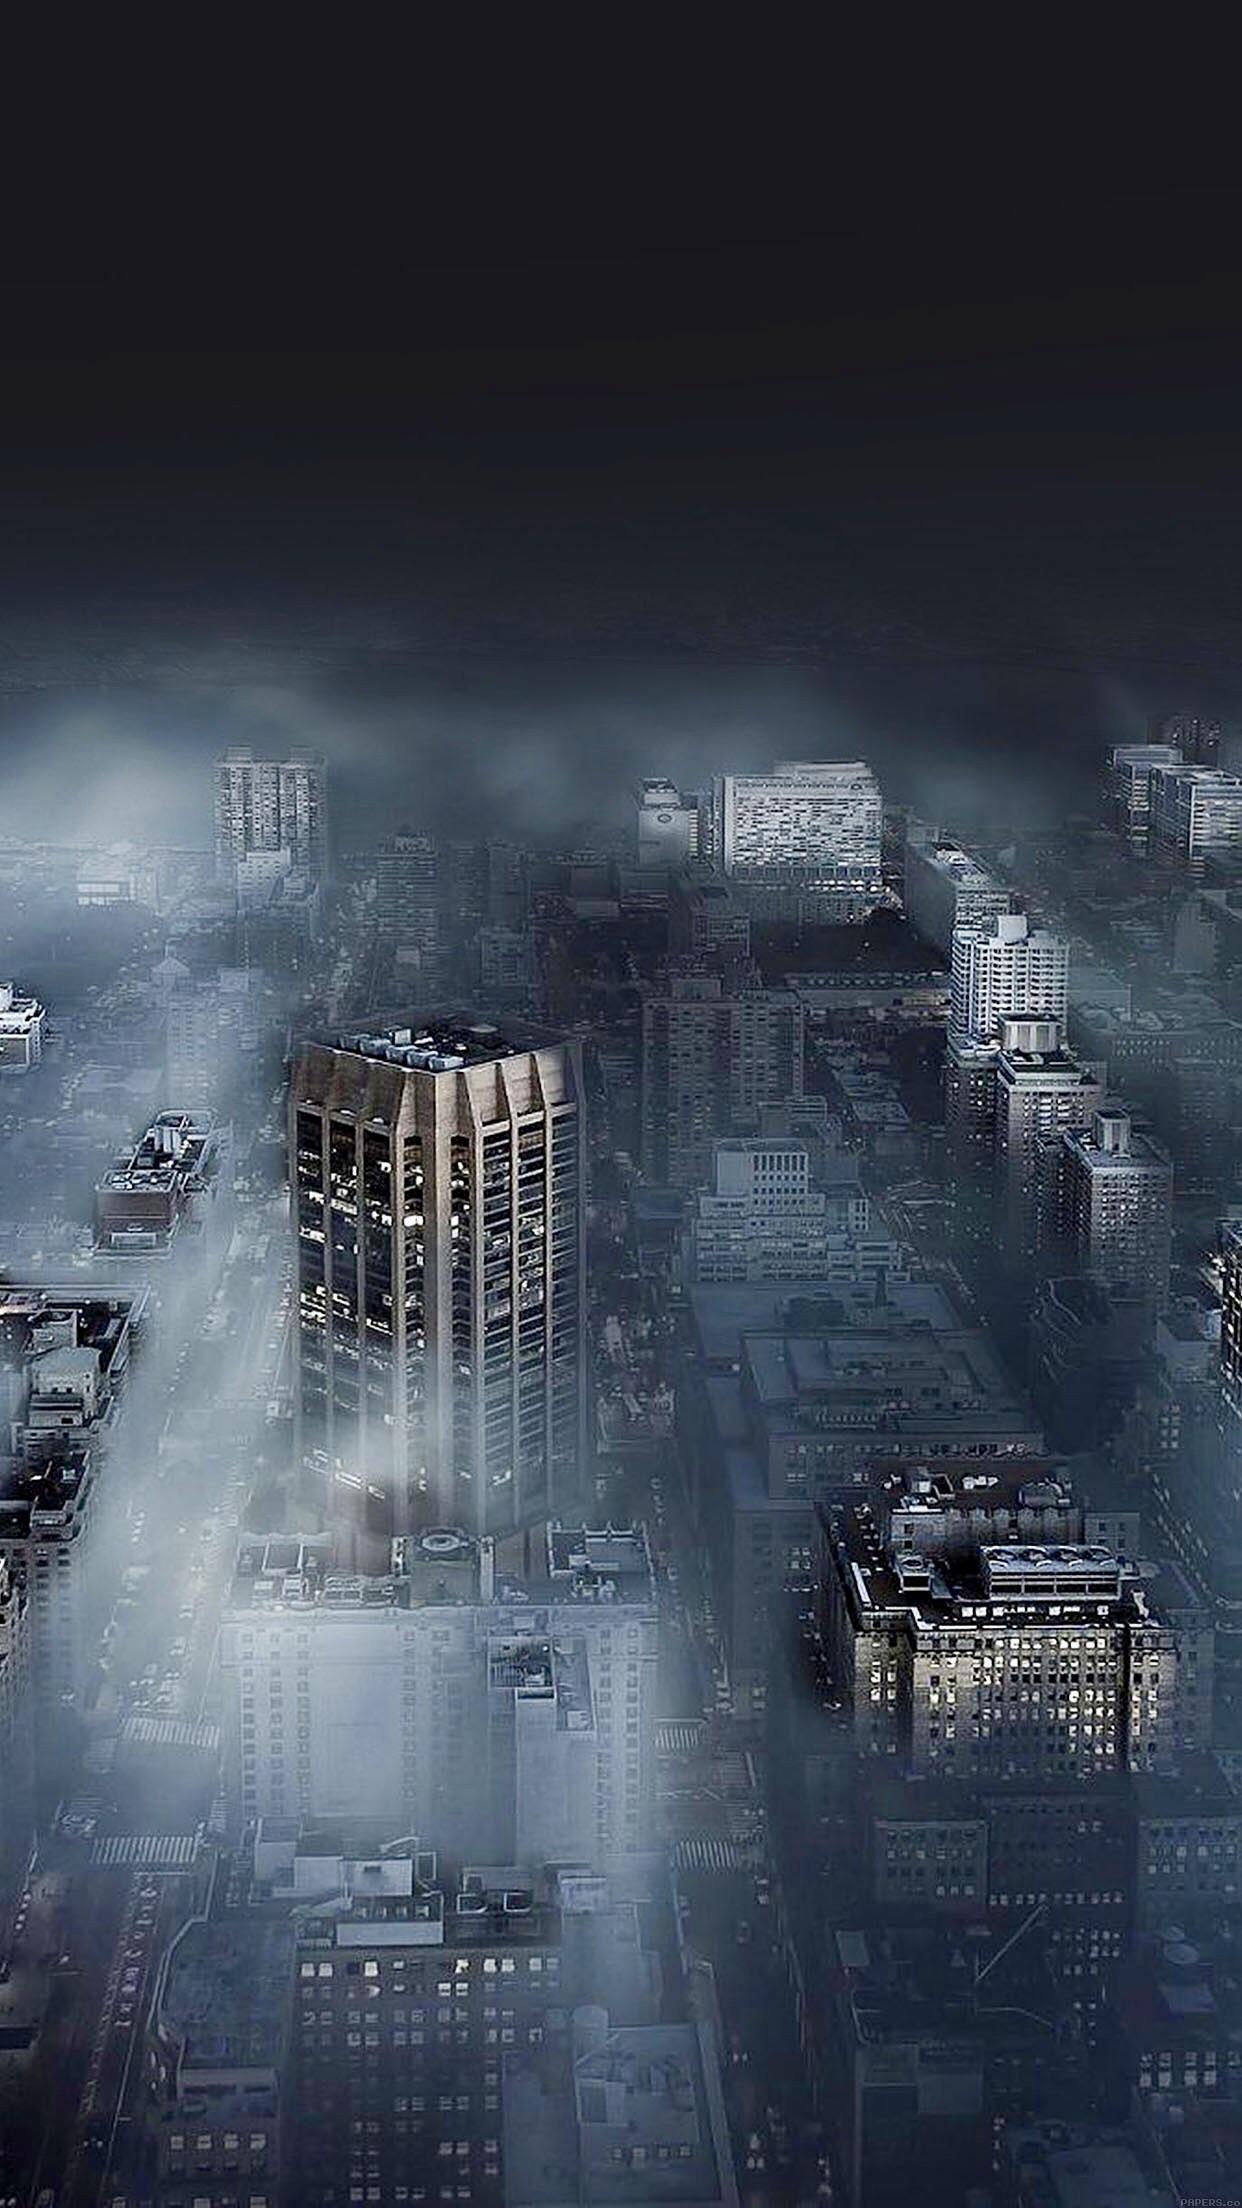 Город в ночном тумане туман ночь небоскребы город